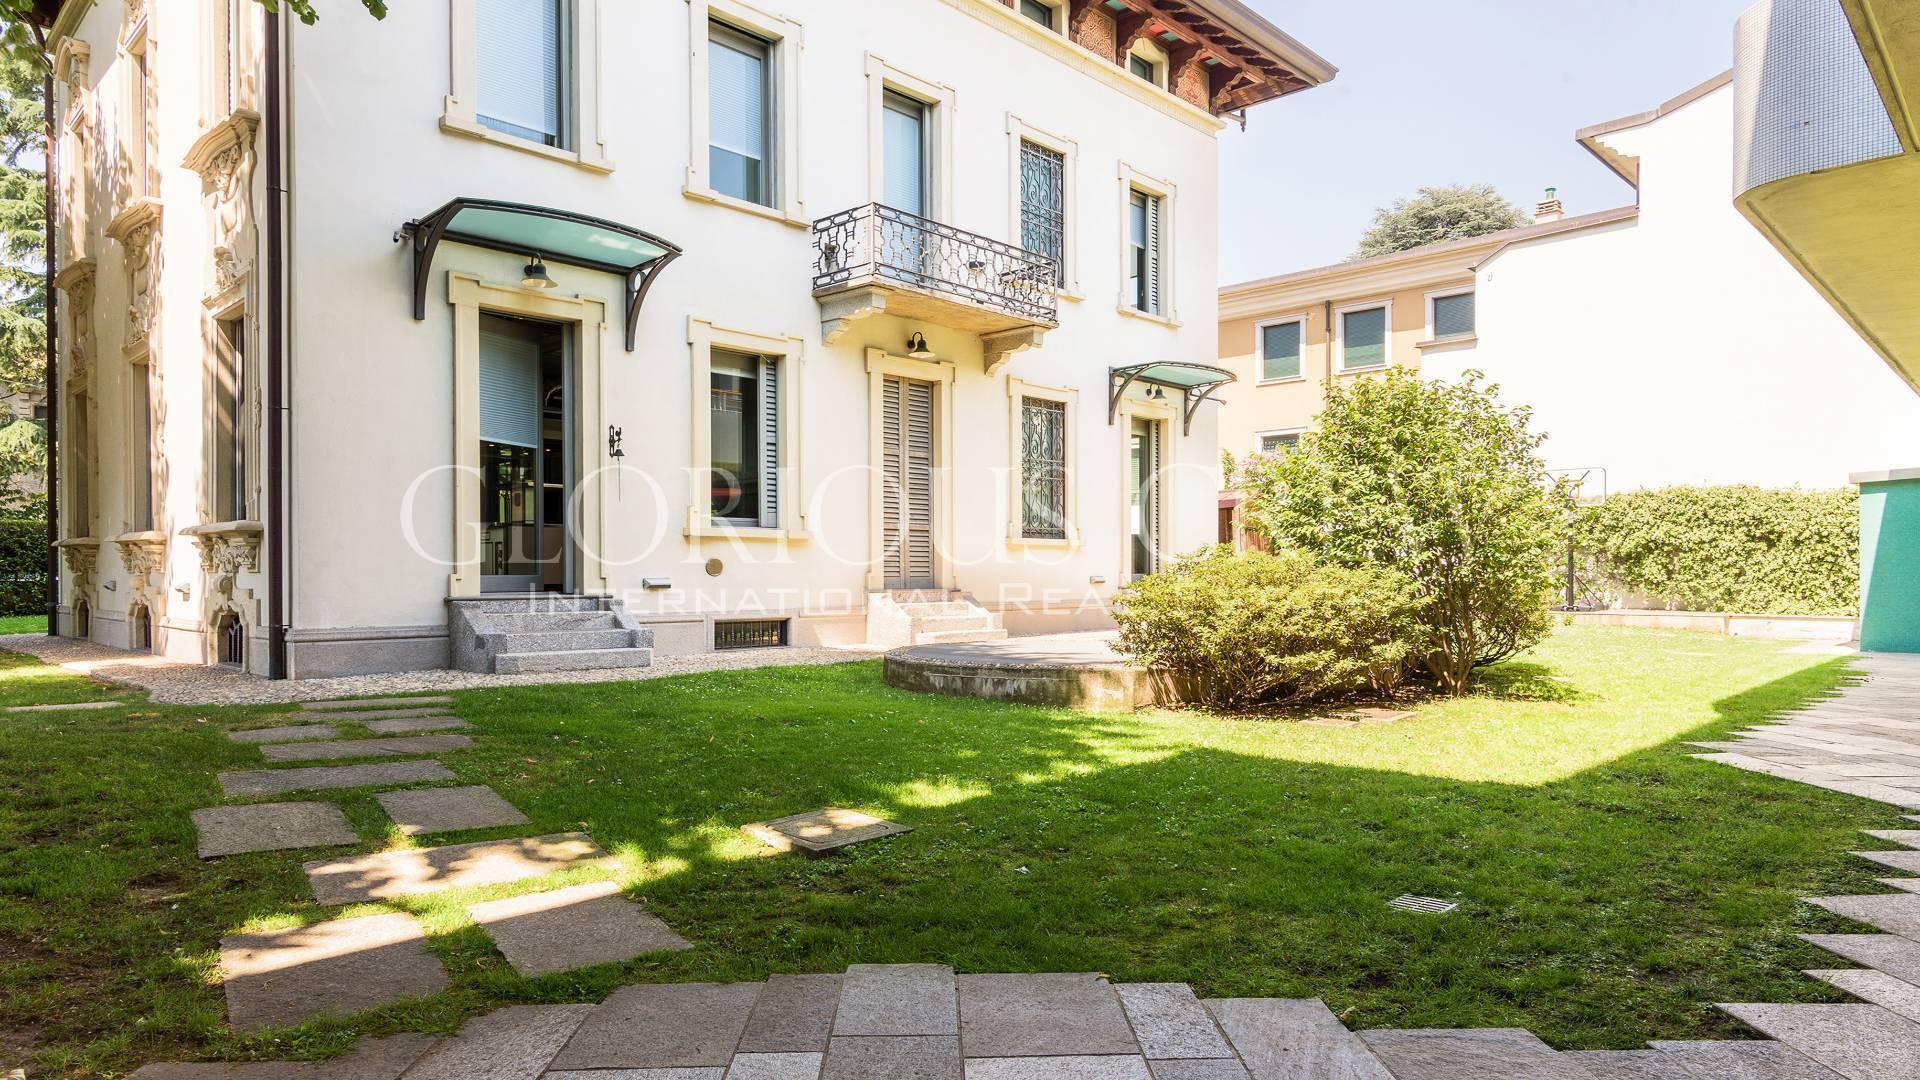 Villa in Vendita a Monza: 5 locali, 350 mq - Foto 2